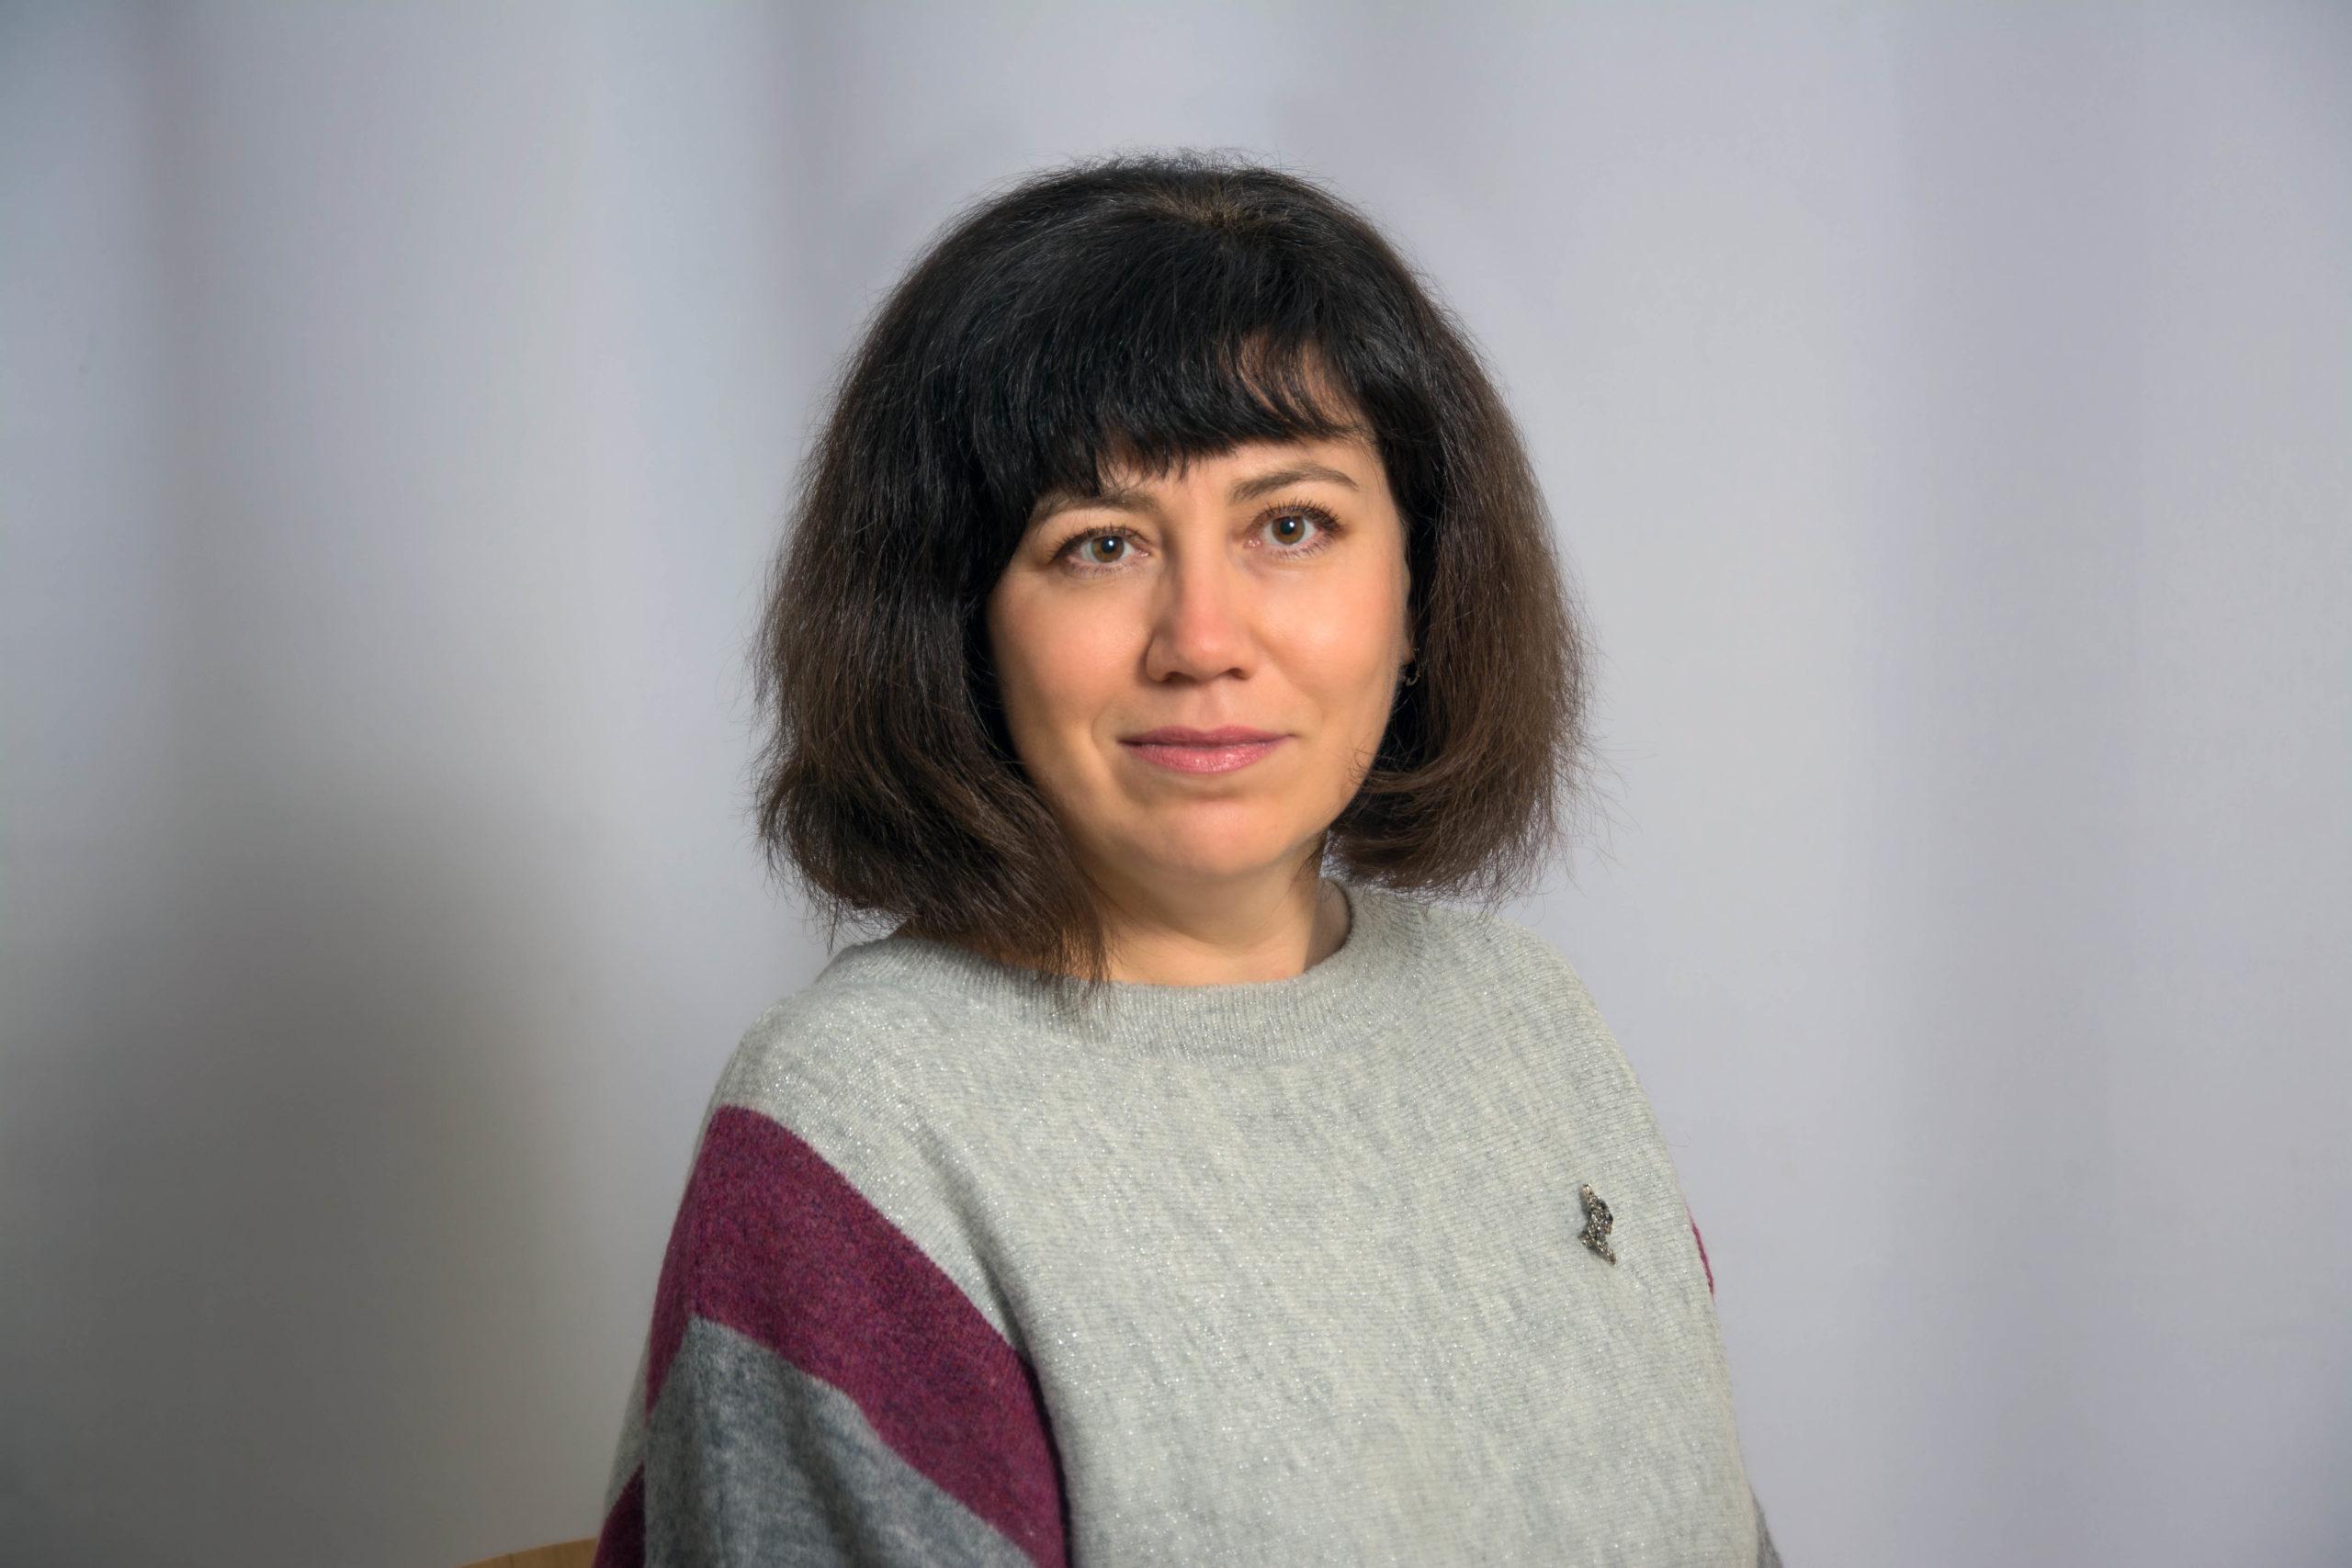 Irina Wittmer